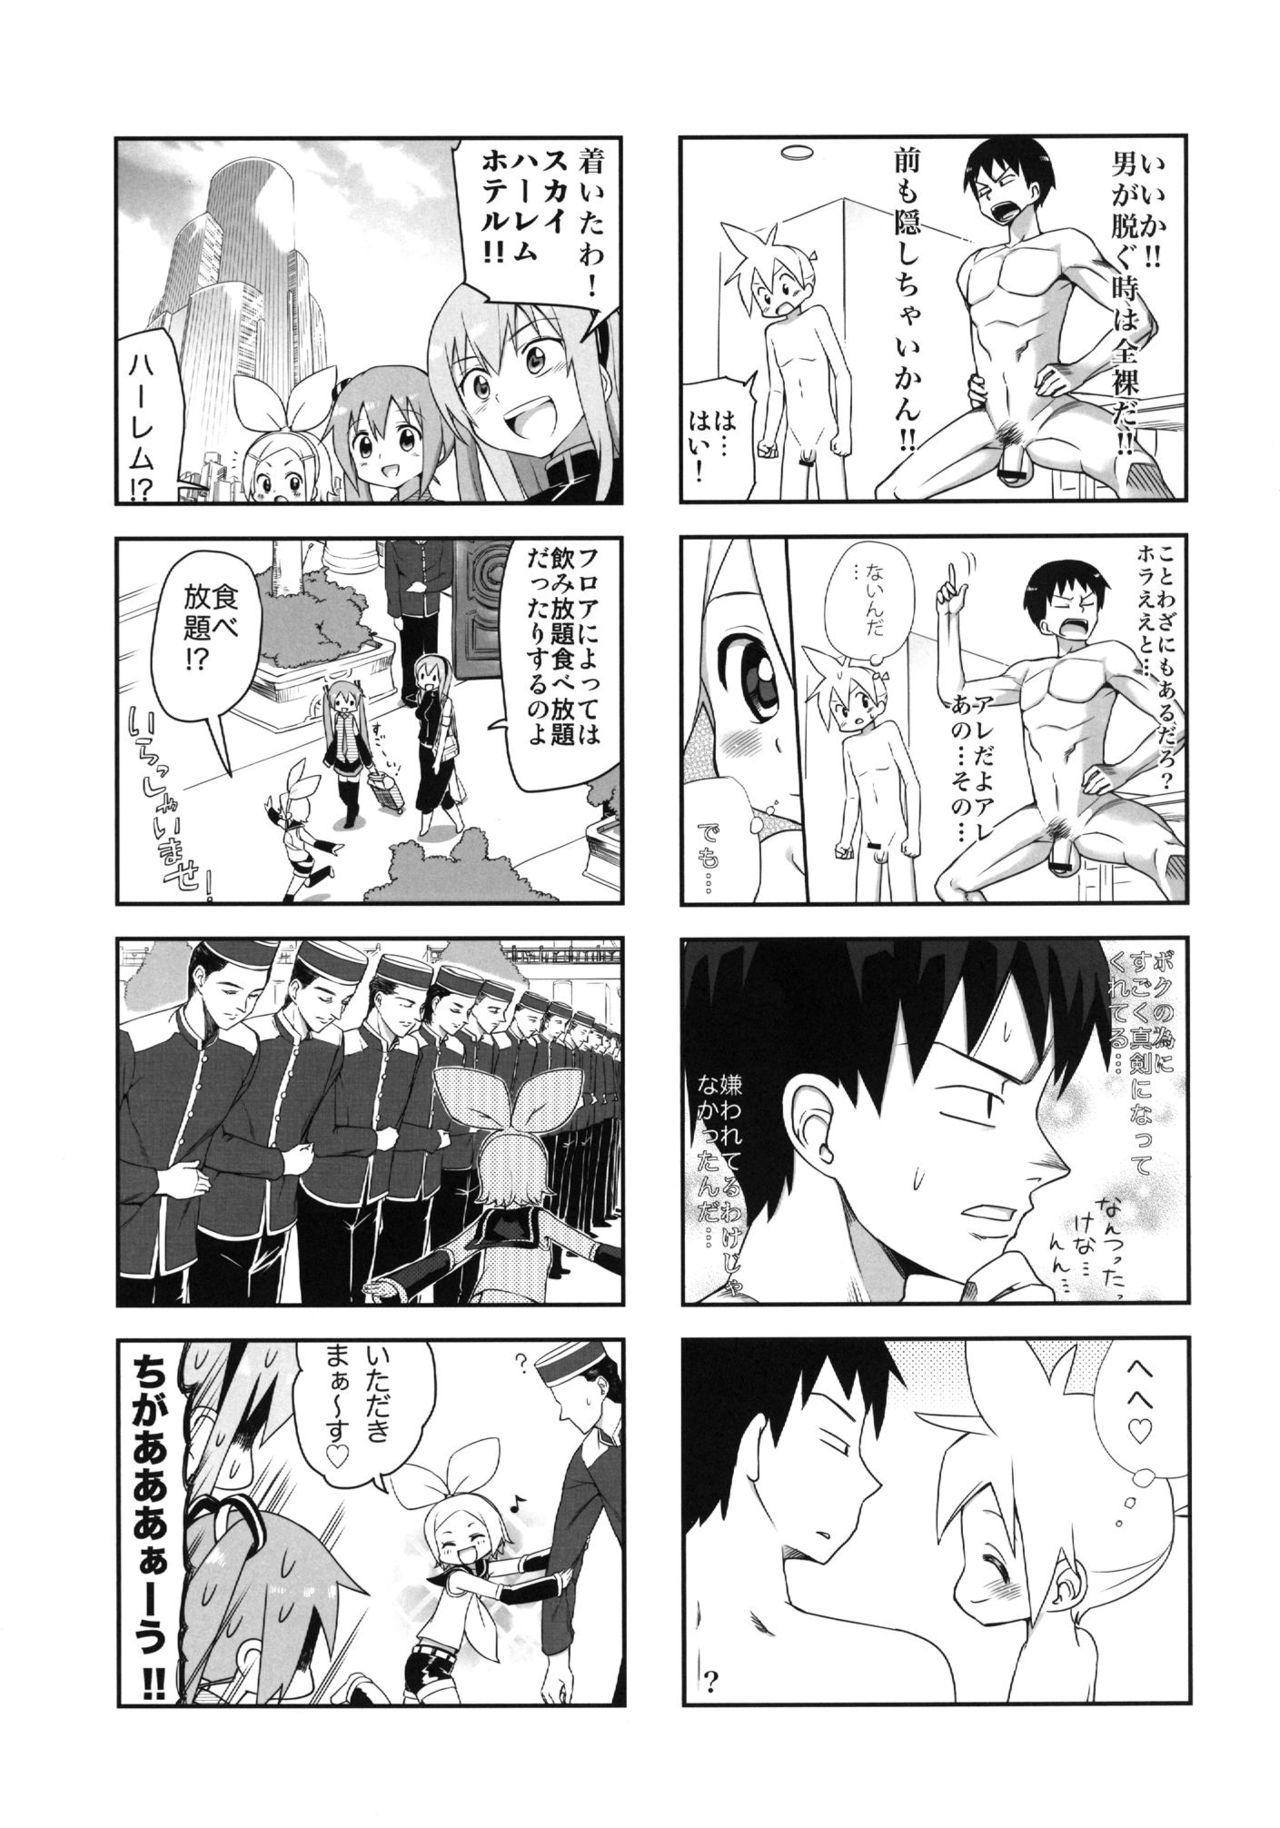 Mikkumiku na Hannou volume. 5 11